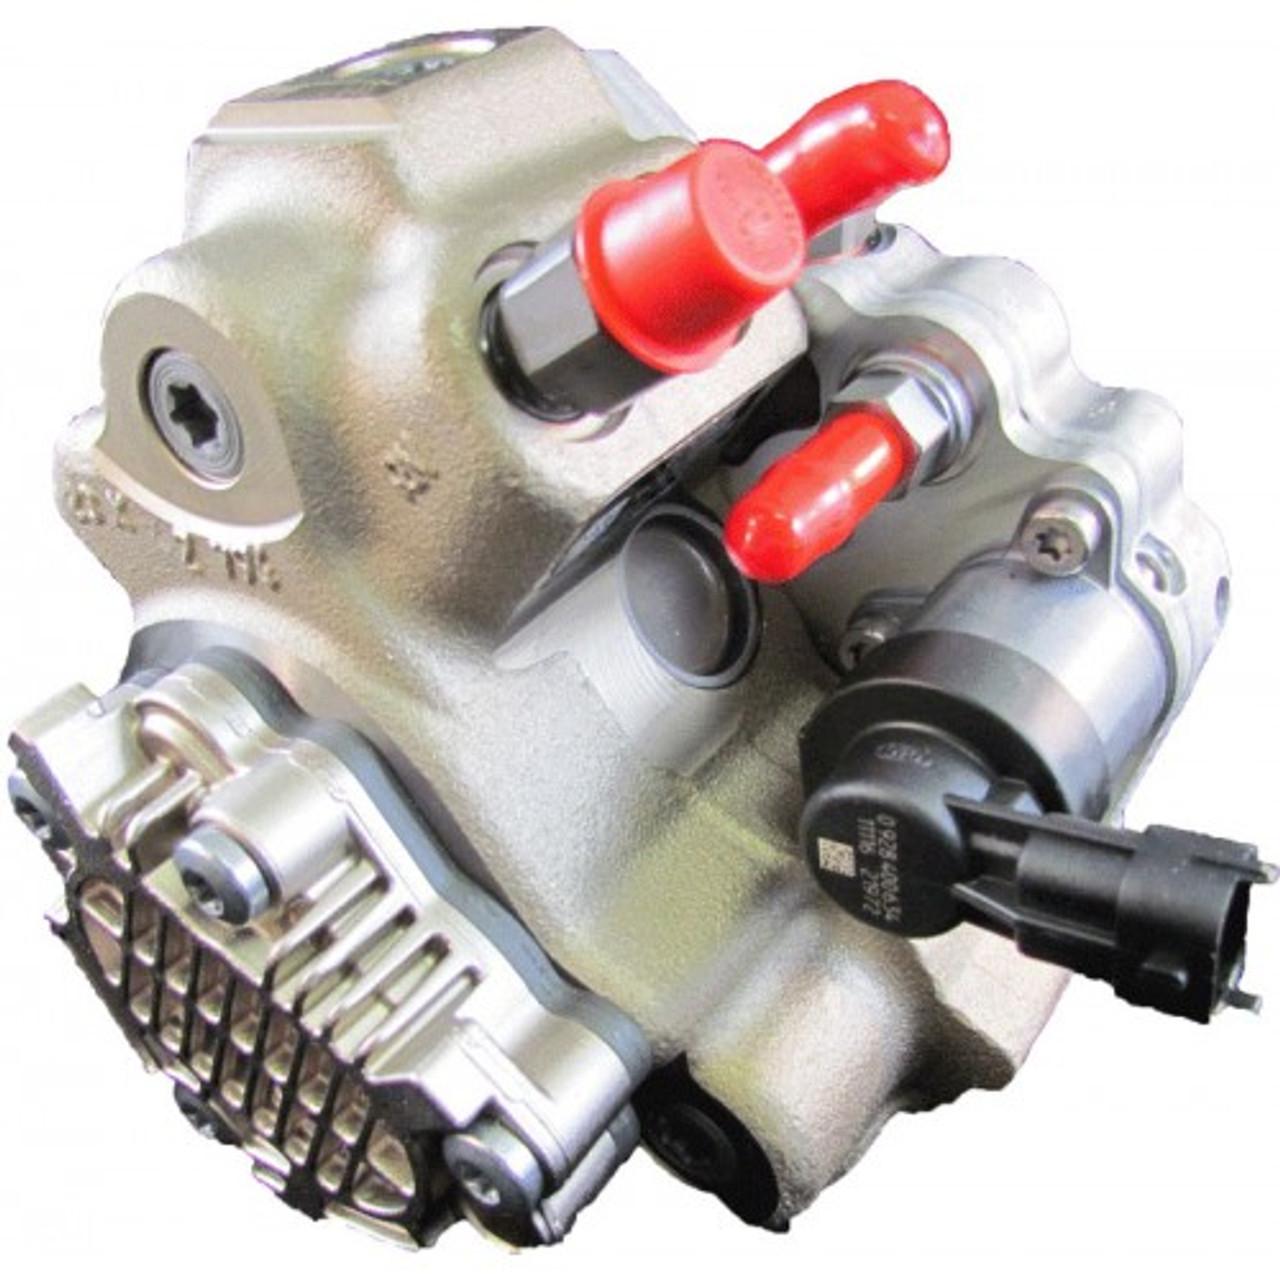 Exergy 10mm Stroker CP3 pump